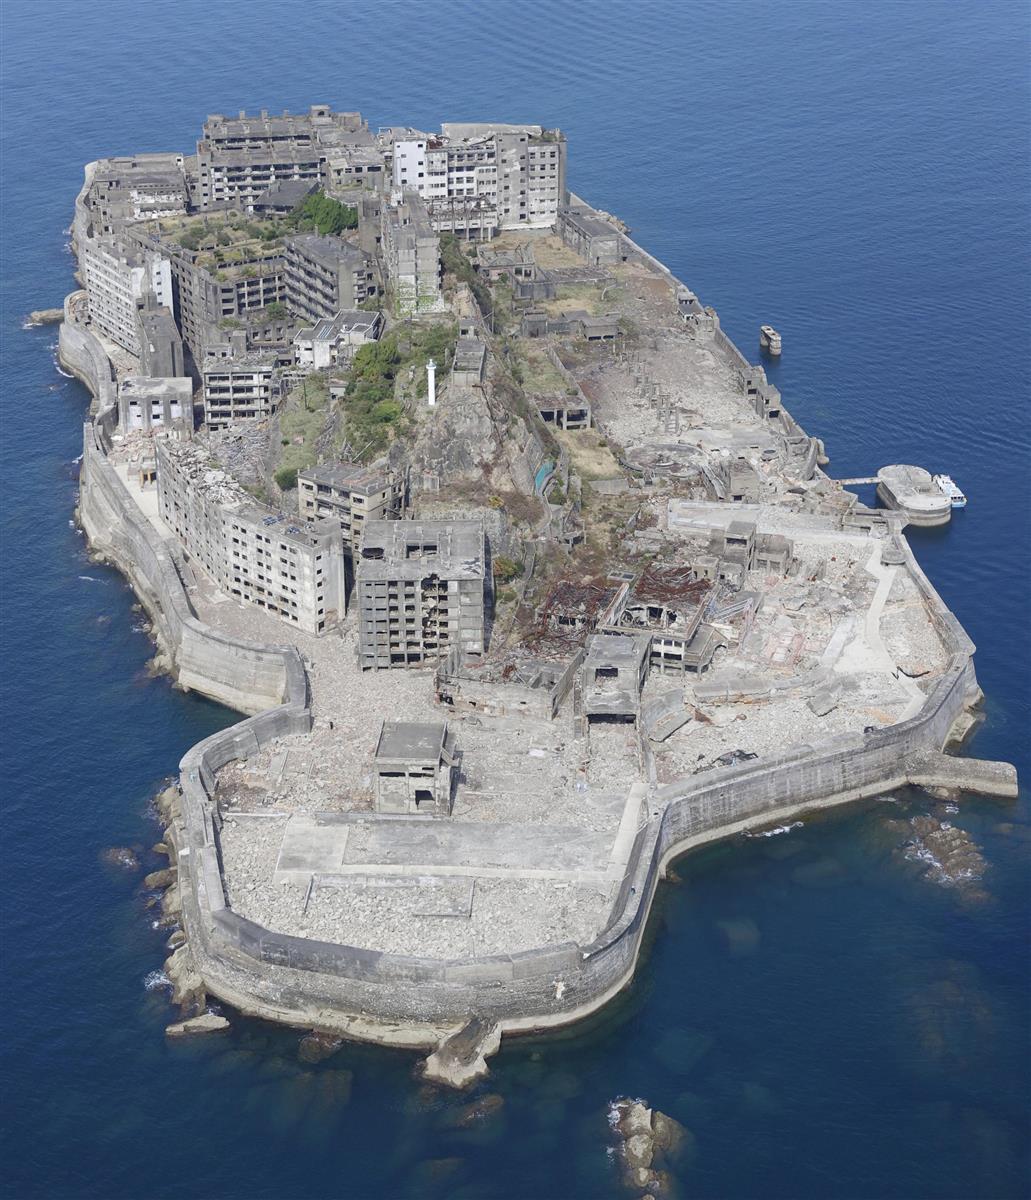 反日プロパガンダに利用されている長崎市の「軍艦島」(端島)